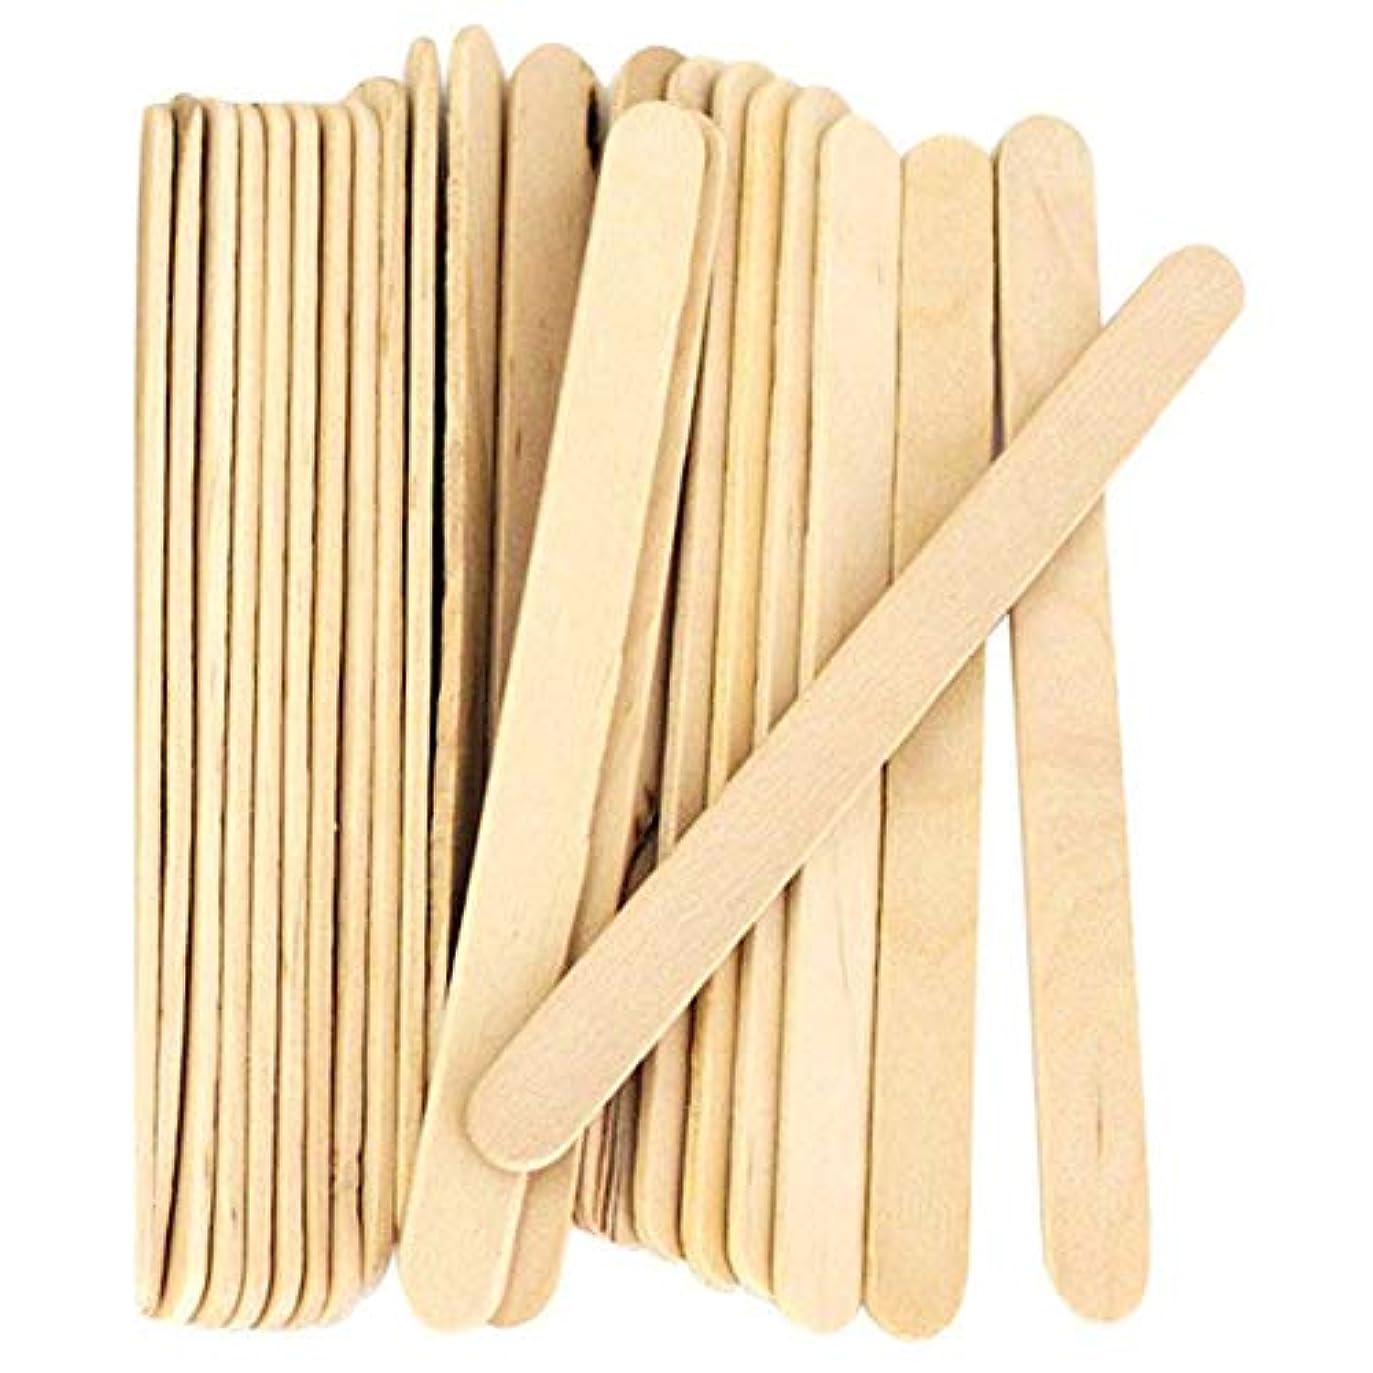 過度の麦芽エスカレーターACAMPTAR 200個、クラフトスティック、アイスクリームのスティック、木製アイスキャンデースティック、114MMの長さ スティック アイスポップスティック 棒